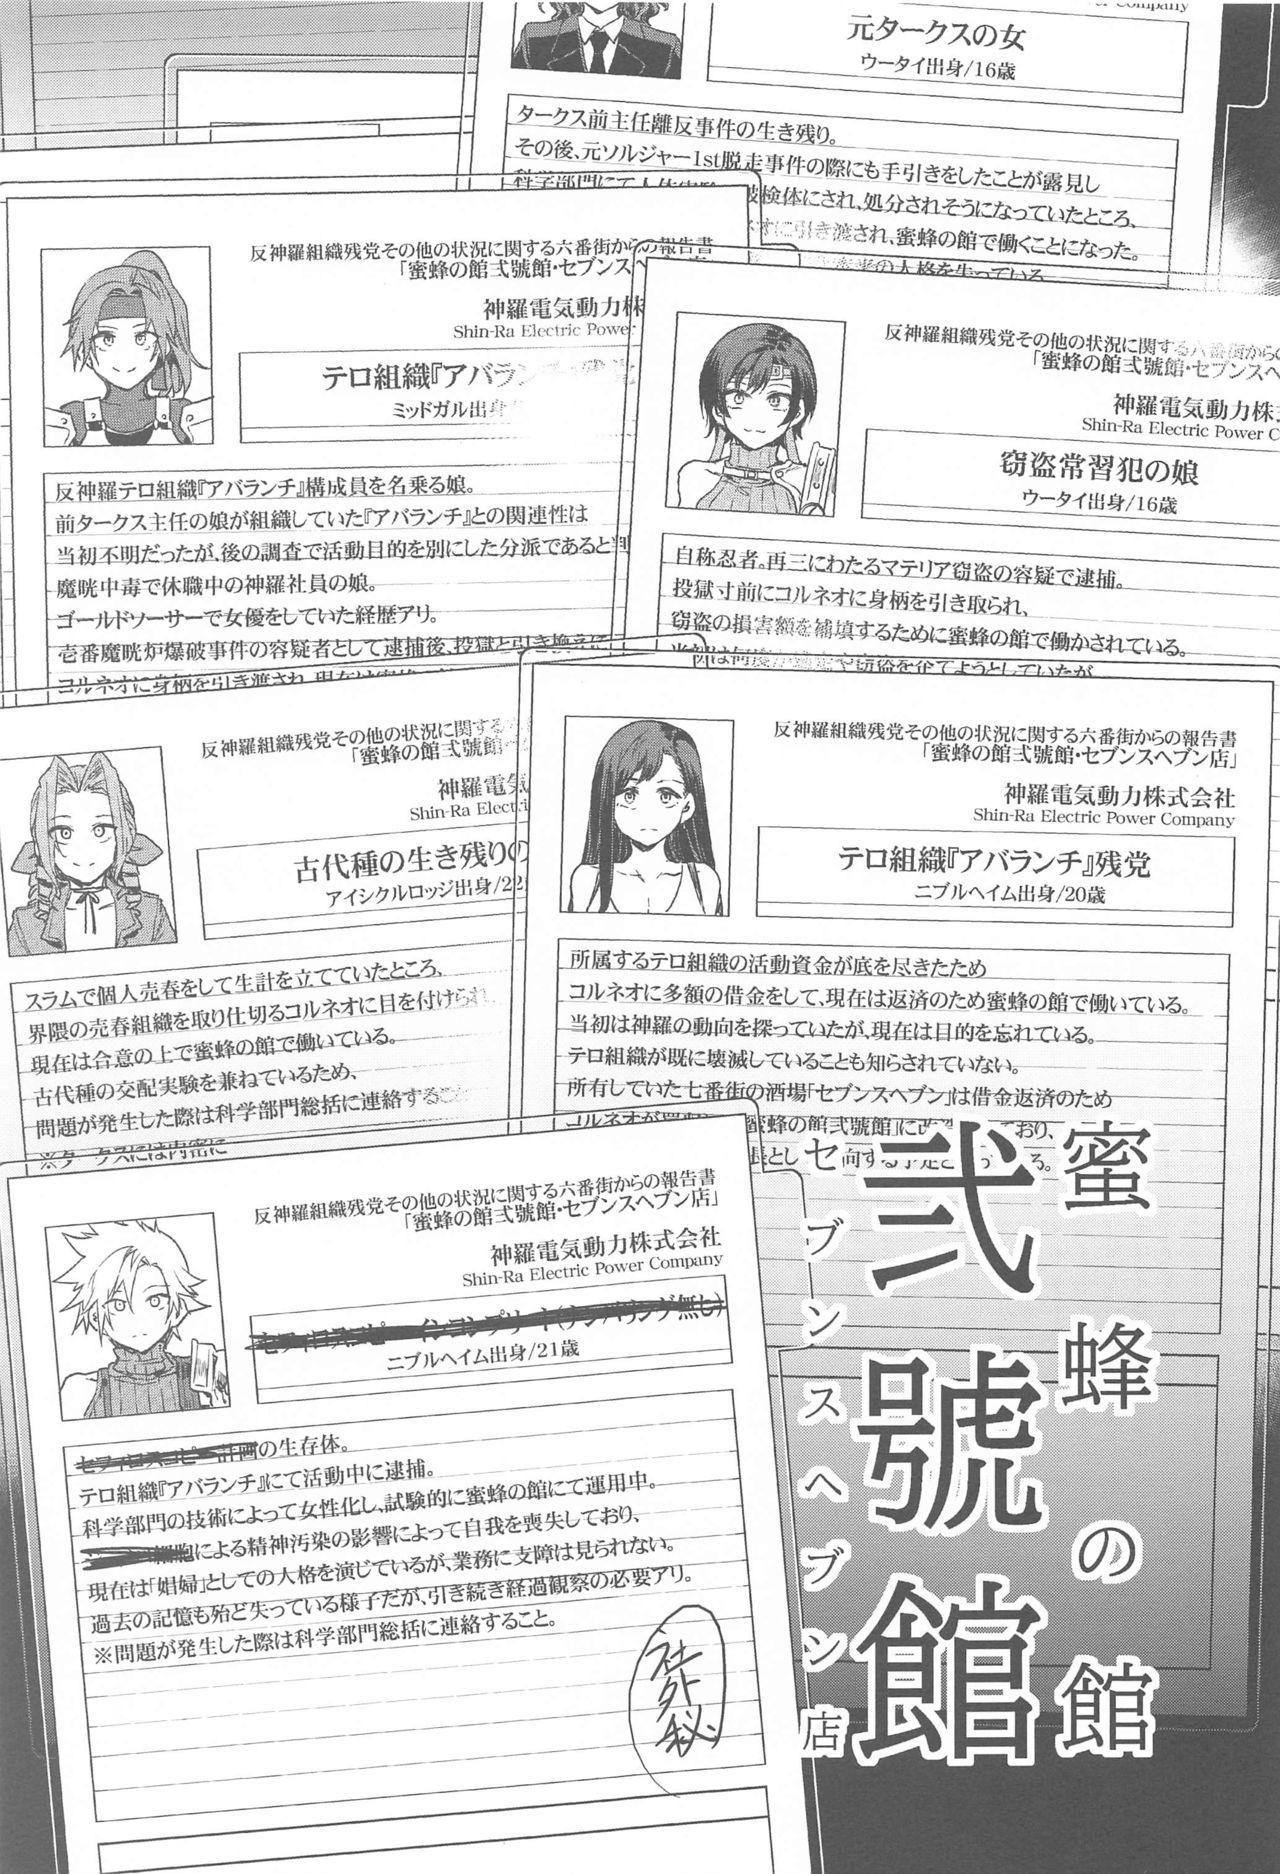 [Alice no Takarabako (Mizuryu Kei)] Mitsubachi no Yakata Nigou-kan Seventh Heaven-ten (Final Fantasy VII) 3